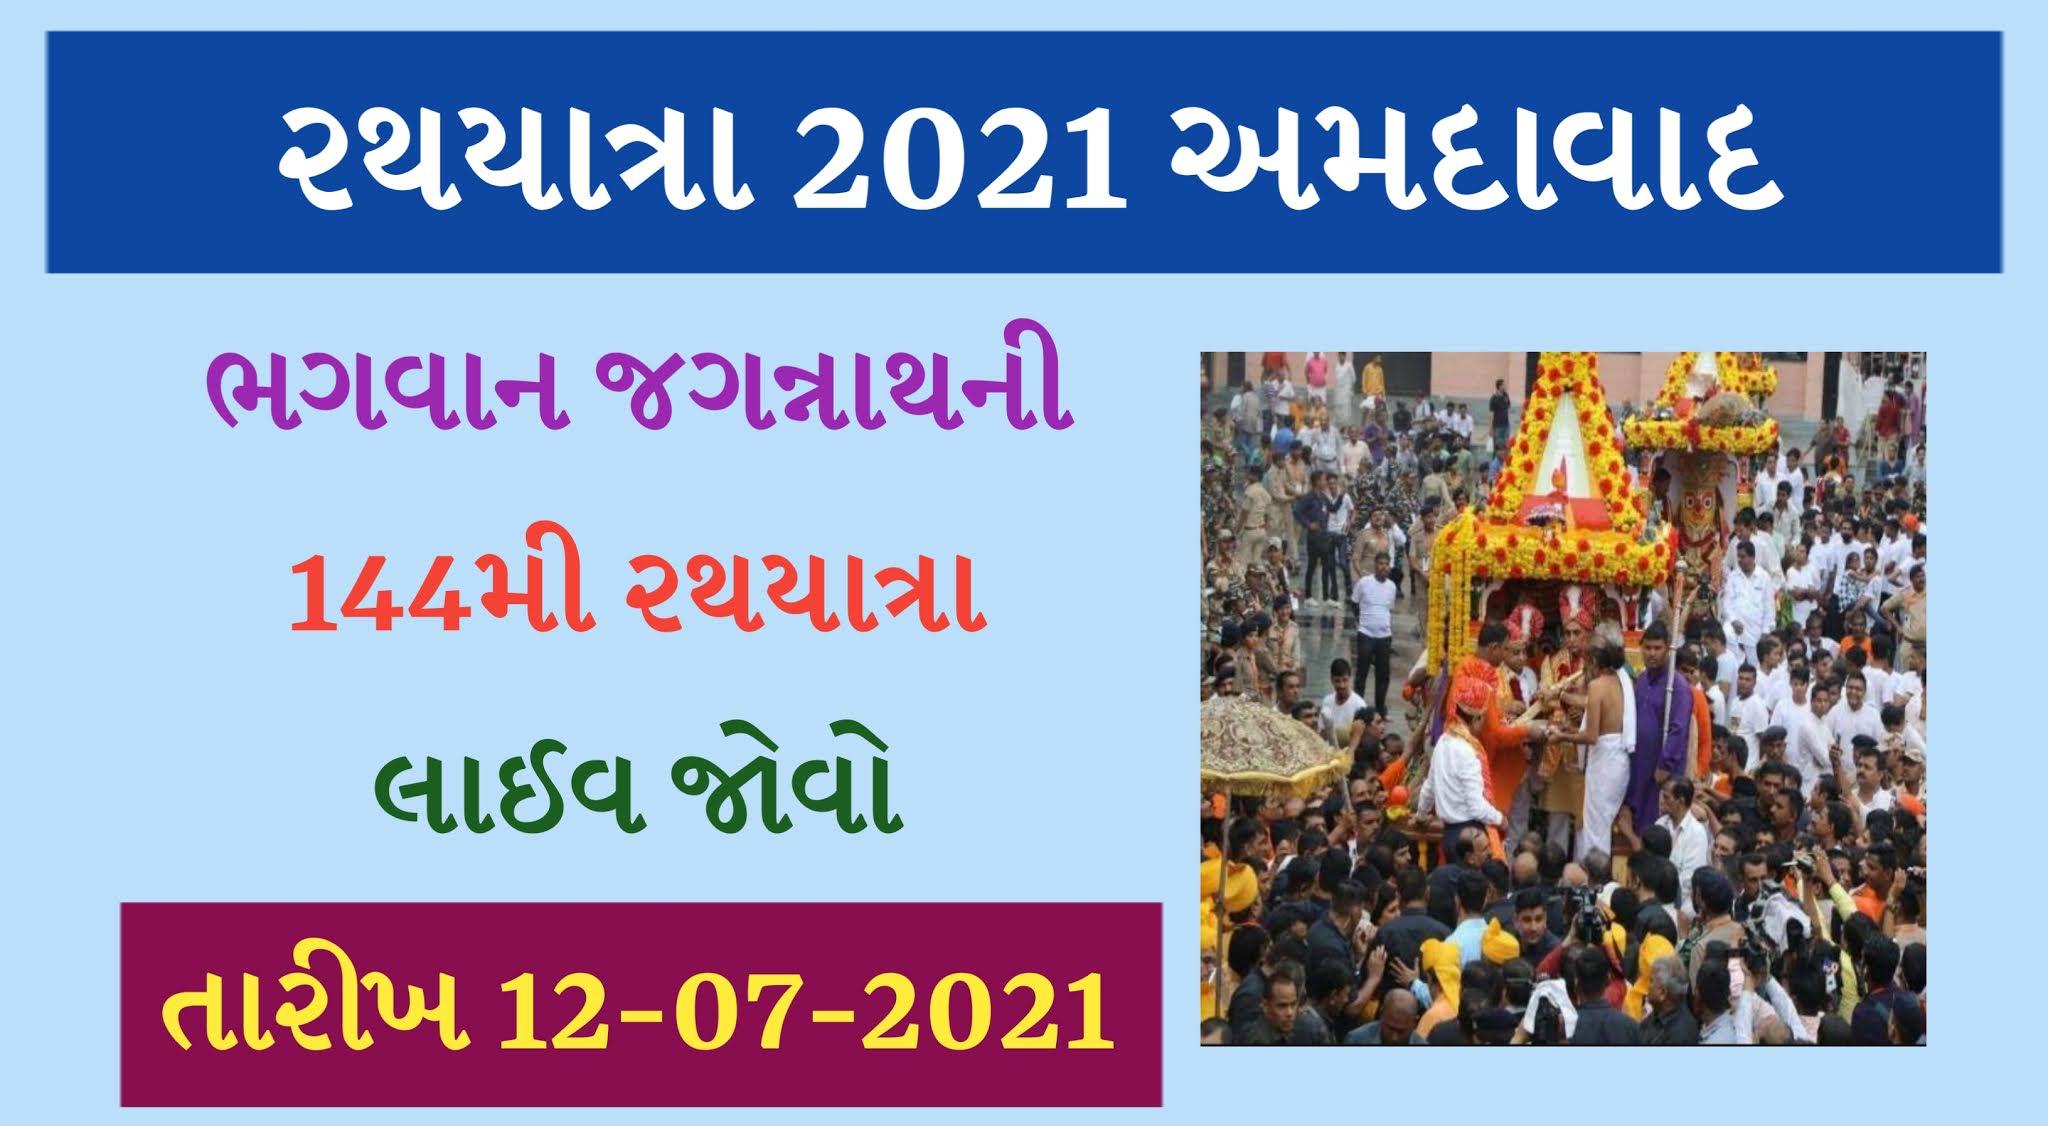 Rath Yatra | Rath Yatra 2021 | Rath Yatra 2021 Ahmedabad | Rath Yatra 2021 Date | Rath Yatra Date 2021 | Rathyatra Date 2021 Ahmedabad Rathyatra ahmedabad | Rathyatra | Rathyatra 2021 | Rathyatra Ahmedabad 2021 Date | Rathyatra 2021 Date | Rathyatra 2021 Ahmedabad | Rathyatra Ahmedabad 2021 | Rathyatra Ahmedabad Route | Rathyatra Ahmedabad 2021 News | Rathyatra Ahmedabad Latest News | Ahmedabad Rath Yatra 2021 Date | Ahmedabad Rath Yatra | Ahmedabad Rath Yatra Route | Ahmedabad Rath Yatra 2021 | Ahmedabad Rath Yatra Route 2021 | Ahmedabad Rath Yatra Curfew